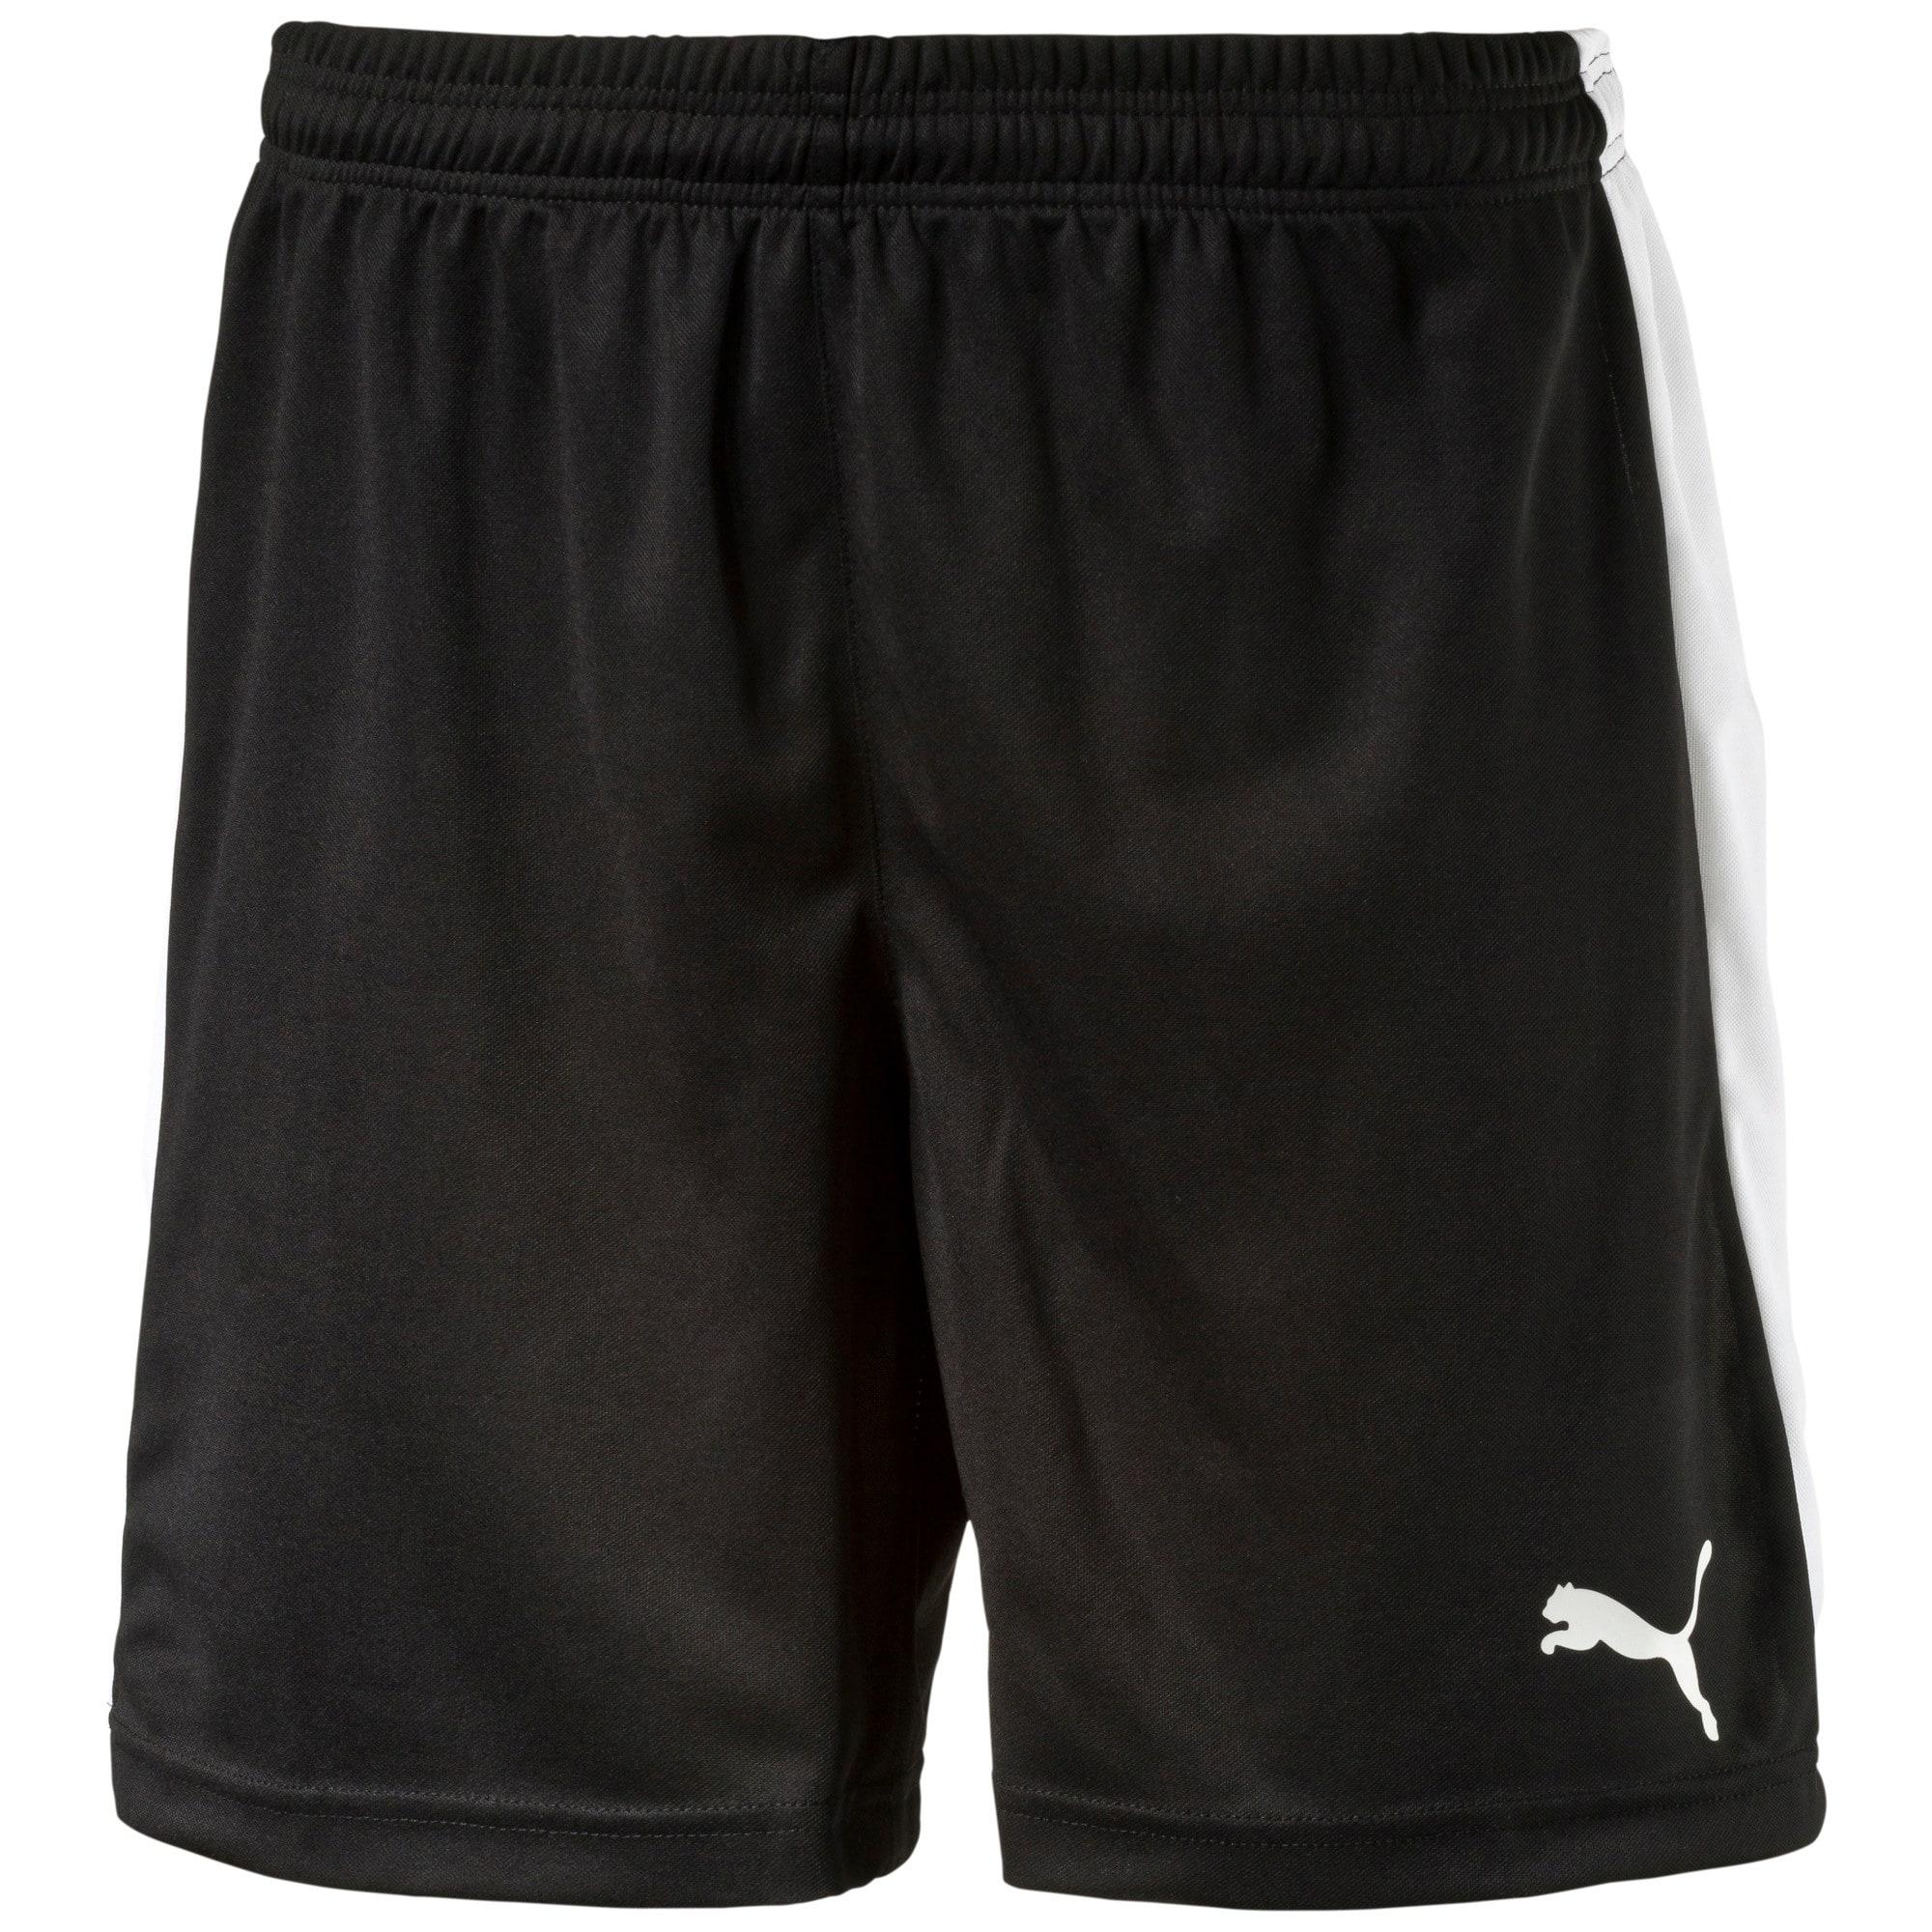 Thumbnail 1 of Fußball Herren Shorts, black-white, medium